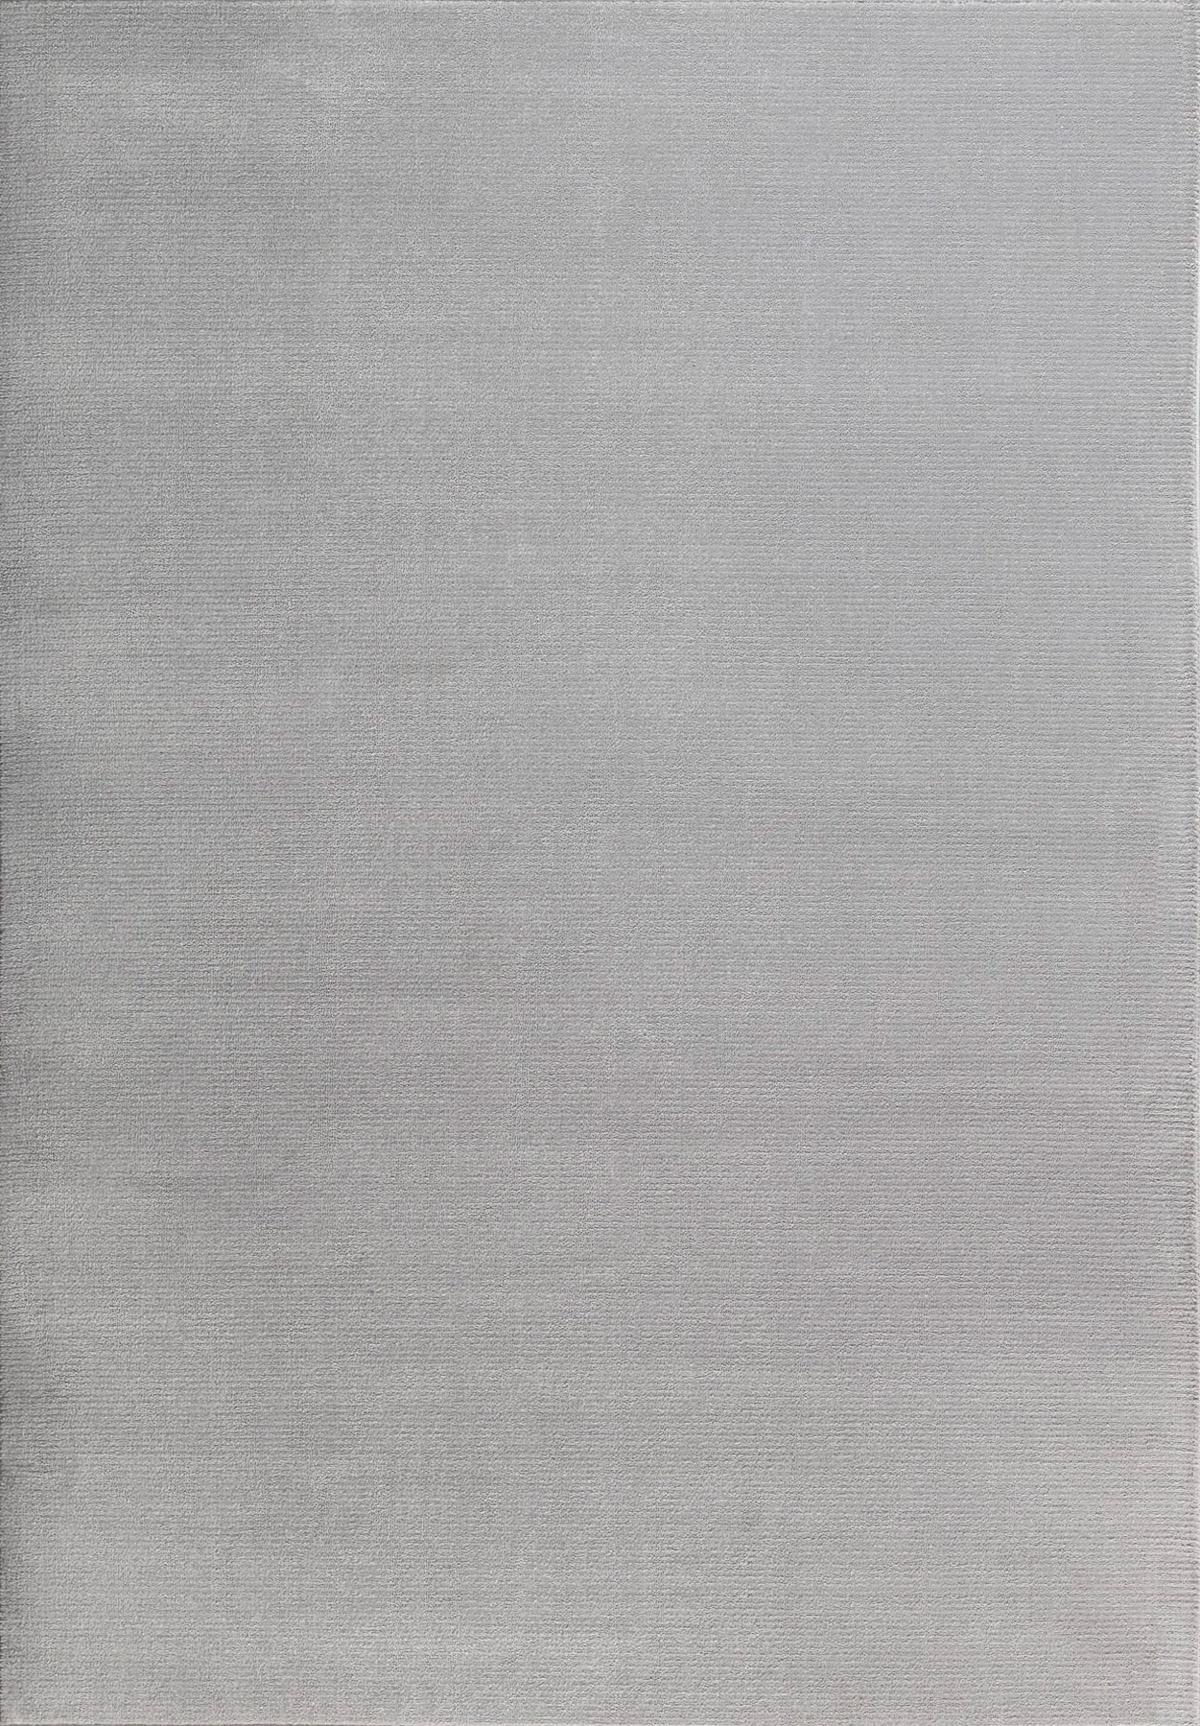 Tapis moderne uni doux gris 120x170